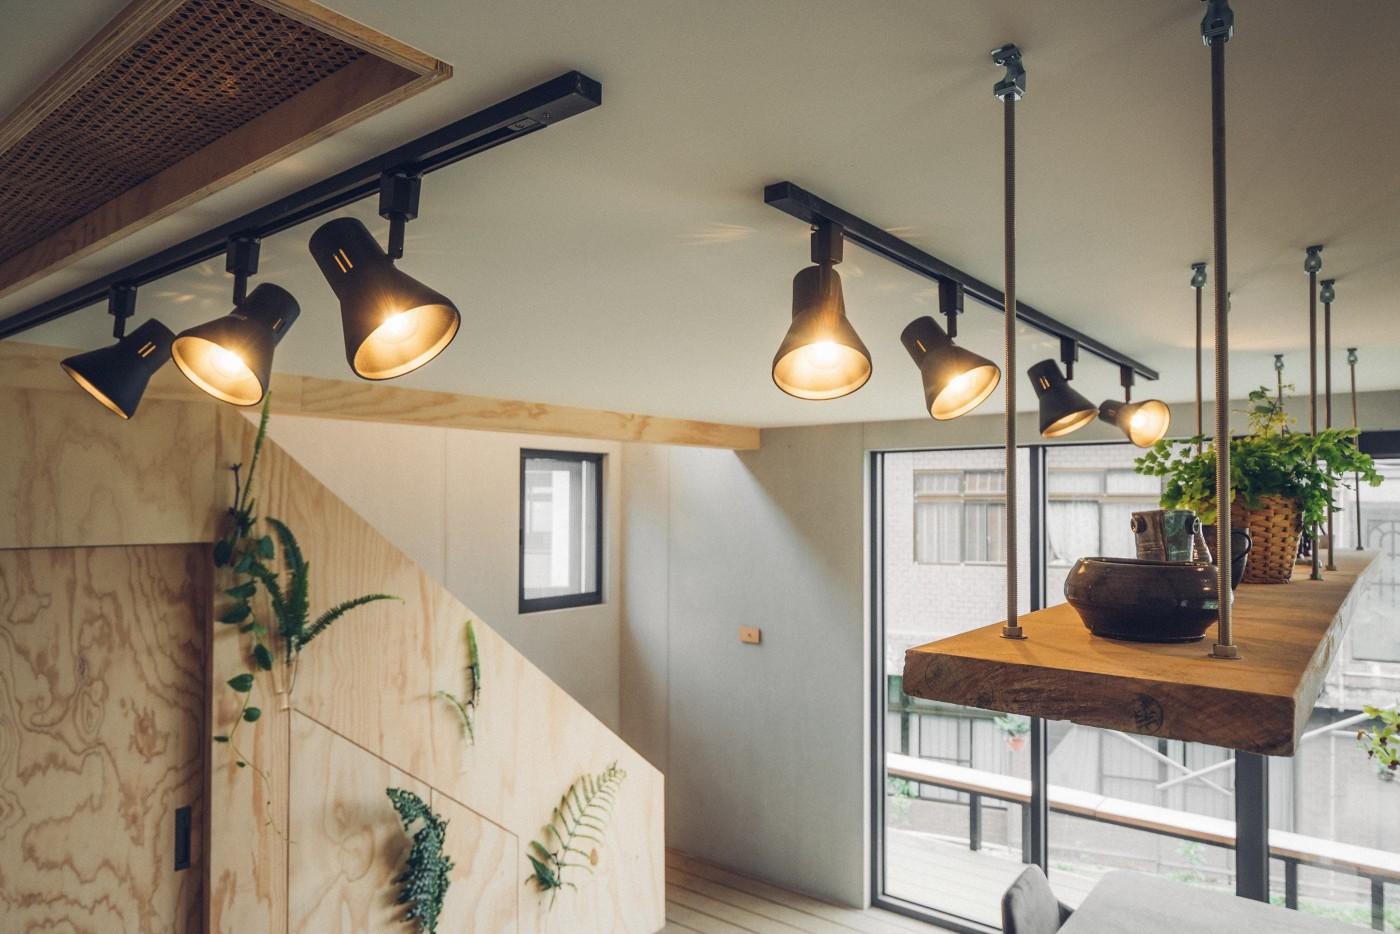 阿里山樟樹湖山角鐵茶屋一樓軌道燈照明設計